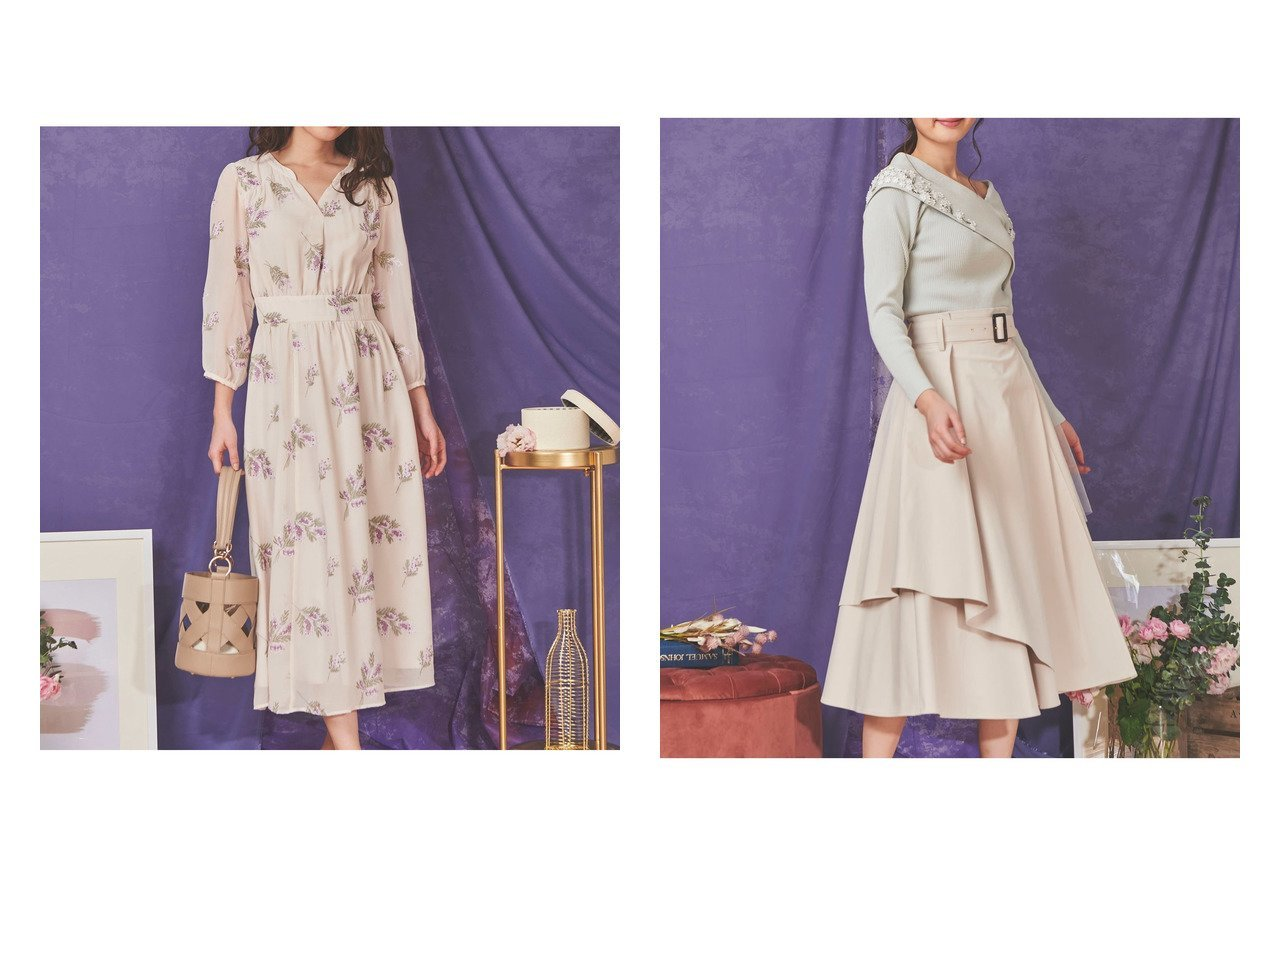 【Noela/ノエラ】のアシメヘムフレアスカート&ミモザ刺繍ワンピース Noelaのおすすめ!人気、トレンド・レディースファッションの通販  おすすめで人気の流行・トレンド、ファッションの通販商品 メンズファッション・キッズファッション・インテリア・家具・レディースファッション・服の通販 founy(ファニー) https://founy.com/ ファッション Fashion レディースファッション WOMEN ワンピース Dress スカート Skirt Aライン/フレアスカート Flared A-Line Skirts NEW・新作・新着・新入荷 New Arrivals リラックス 春 Spring アシンメトリー エアリー ギャザー シンプル チュール フレア ポケット 無地 |ID:crp329100000018970